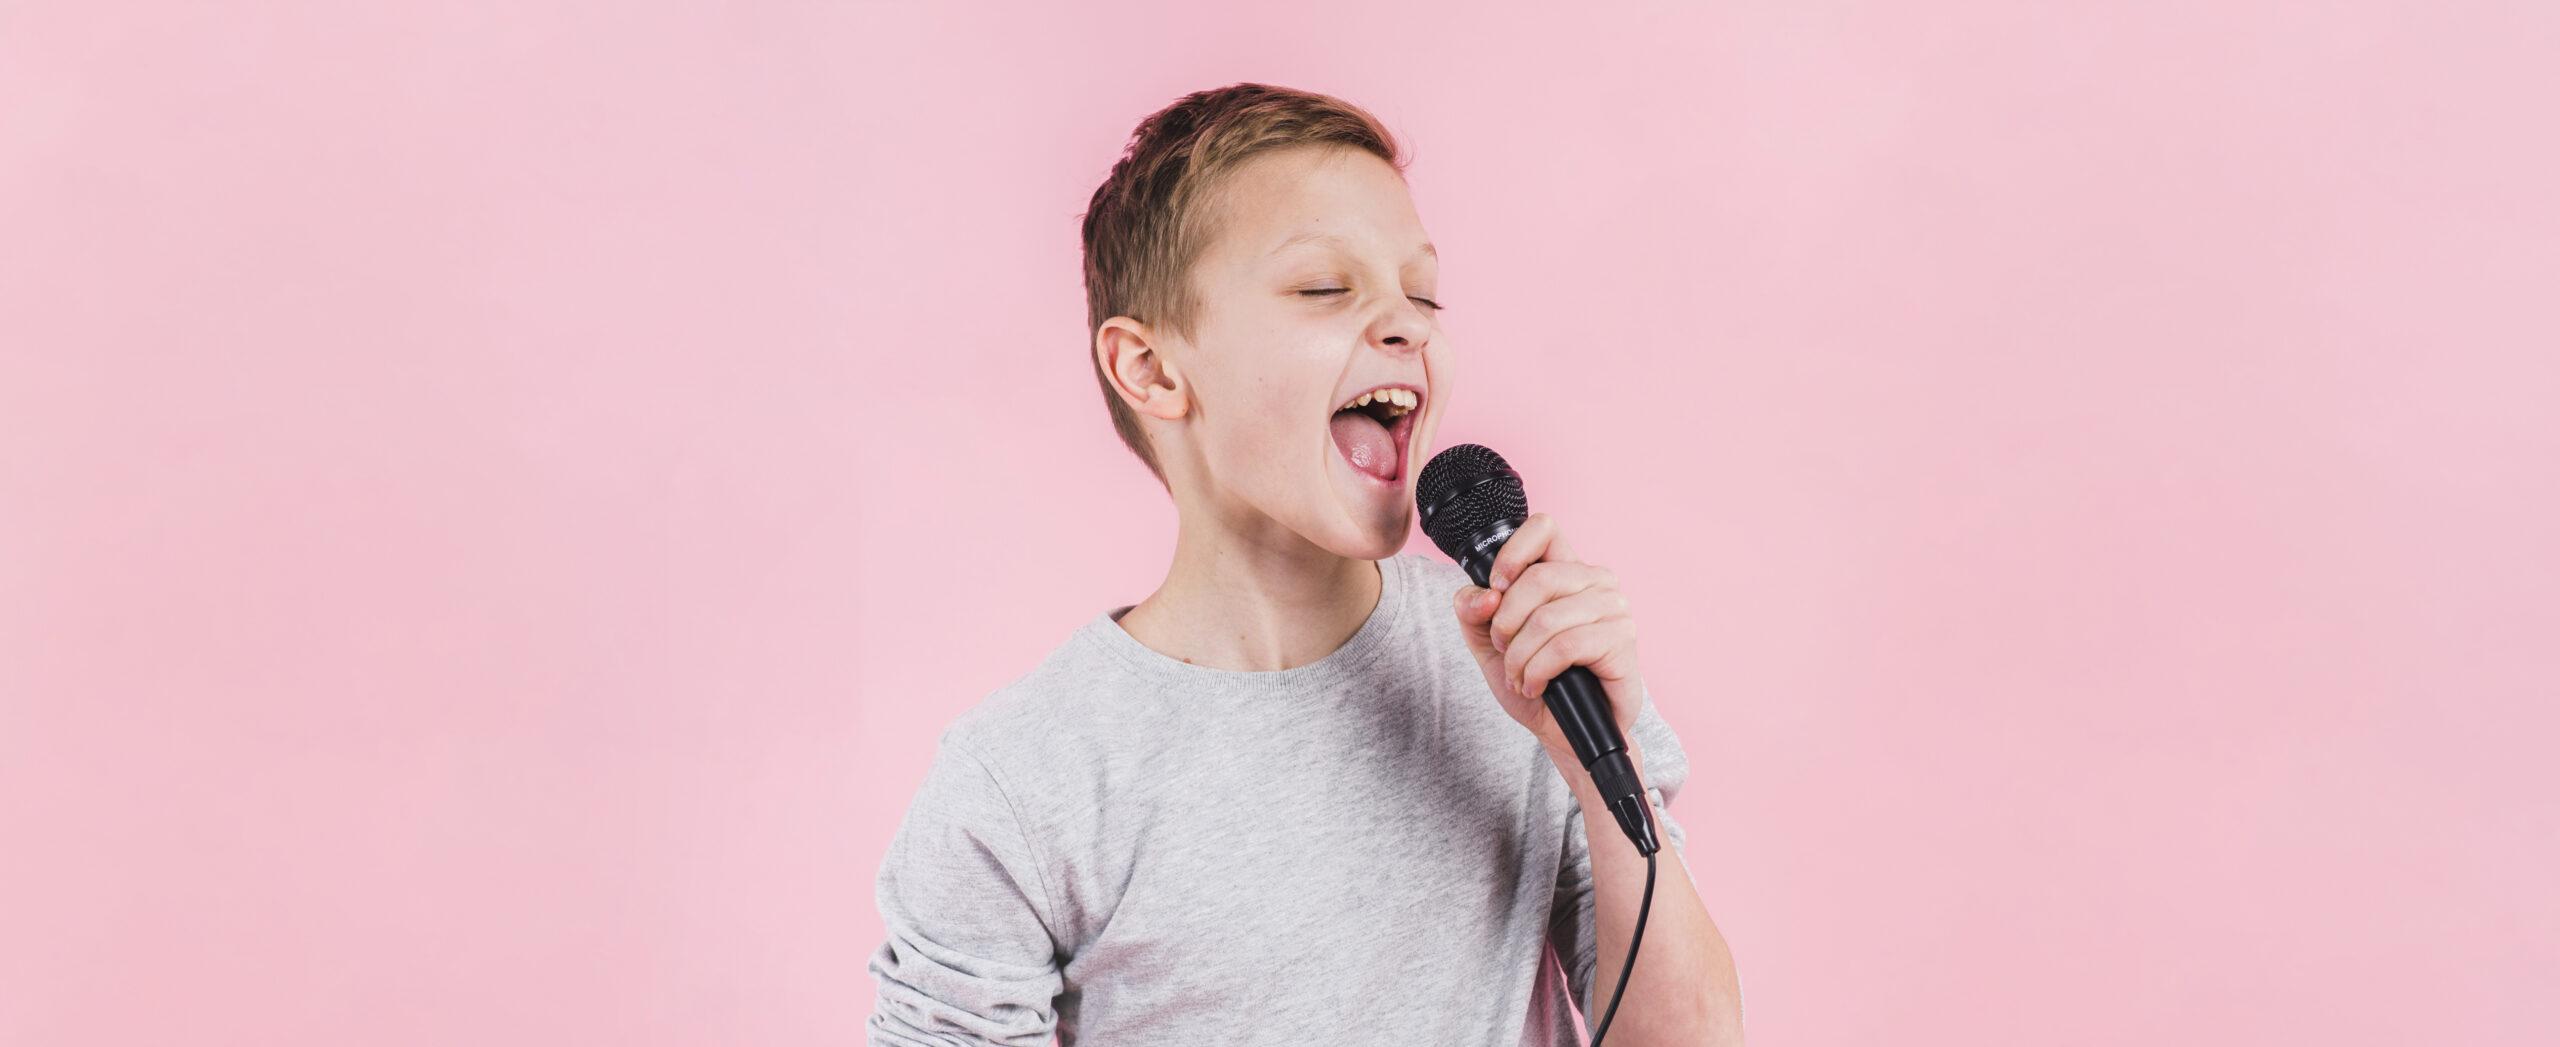 jongen-zingen